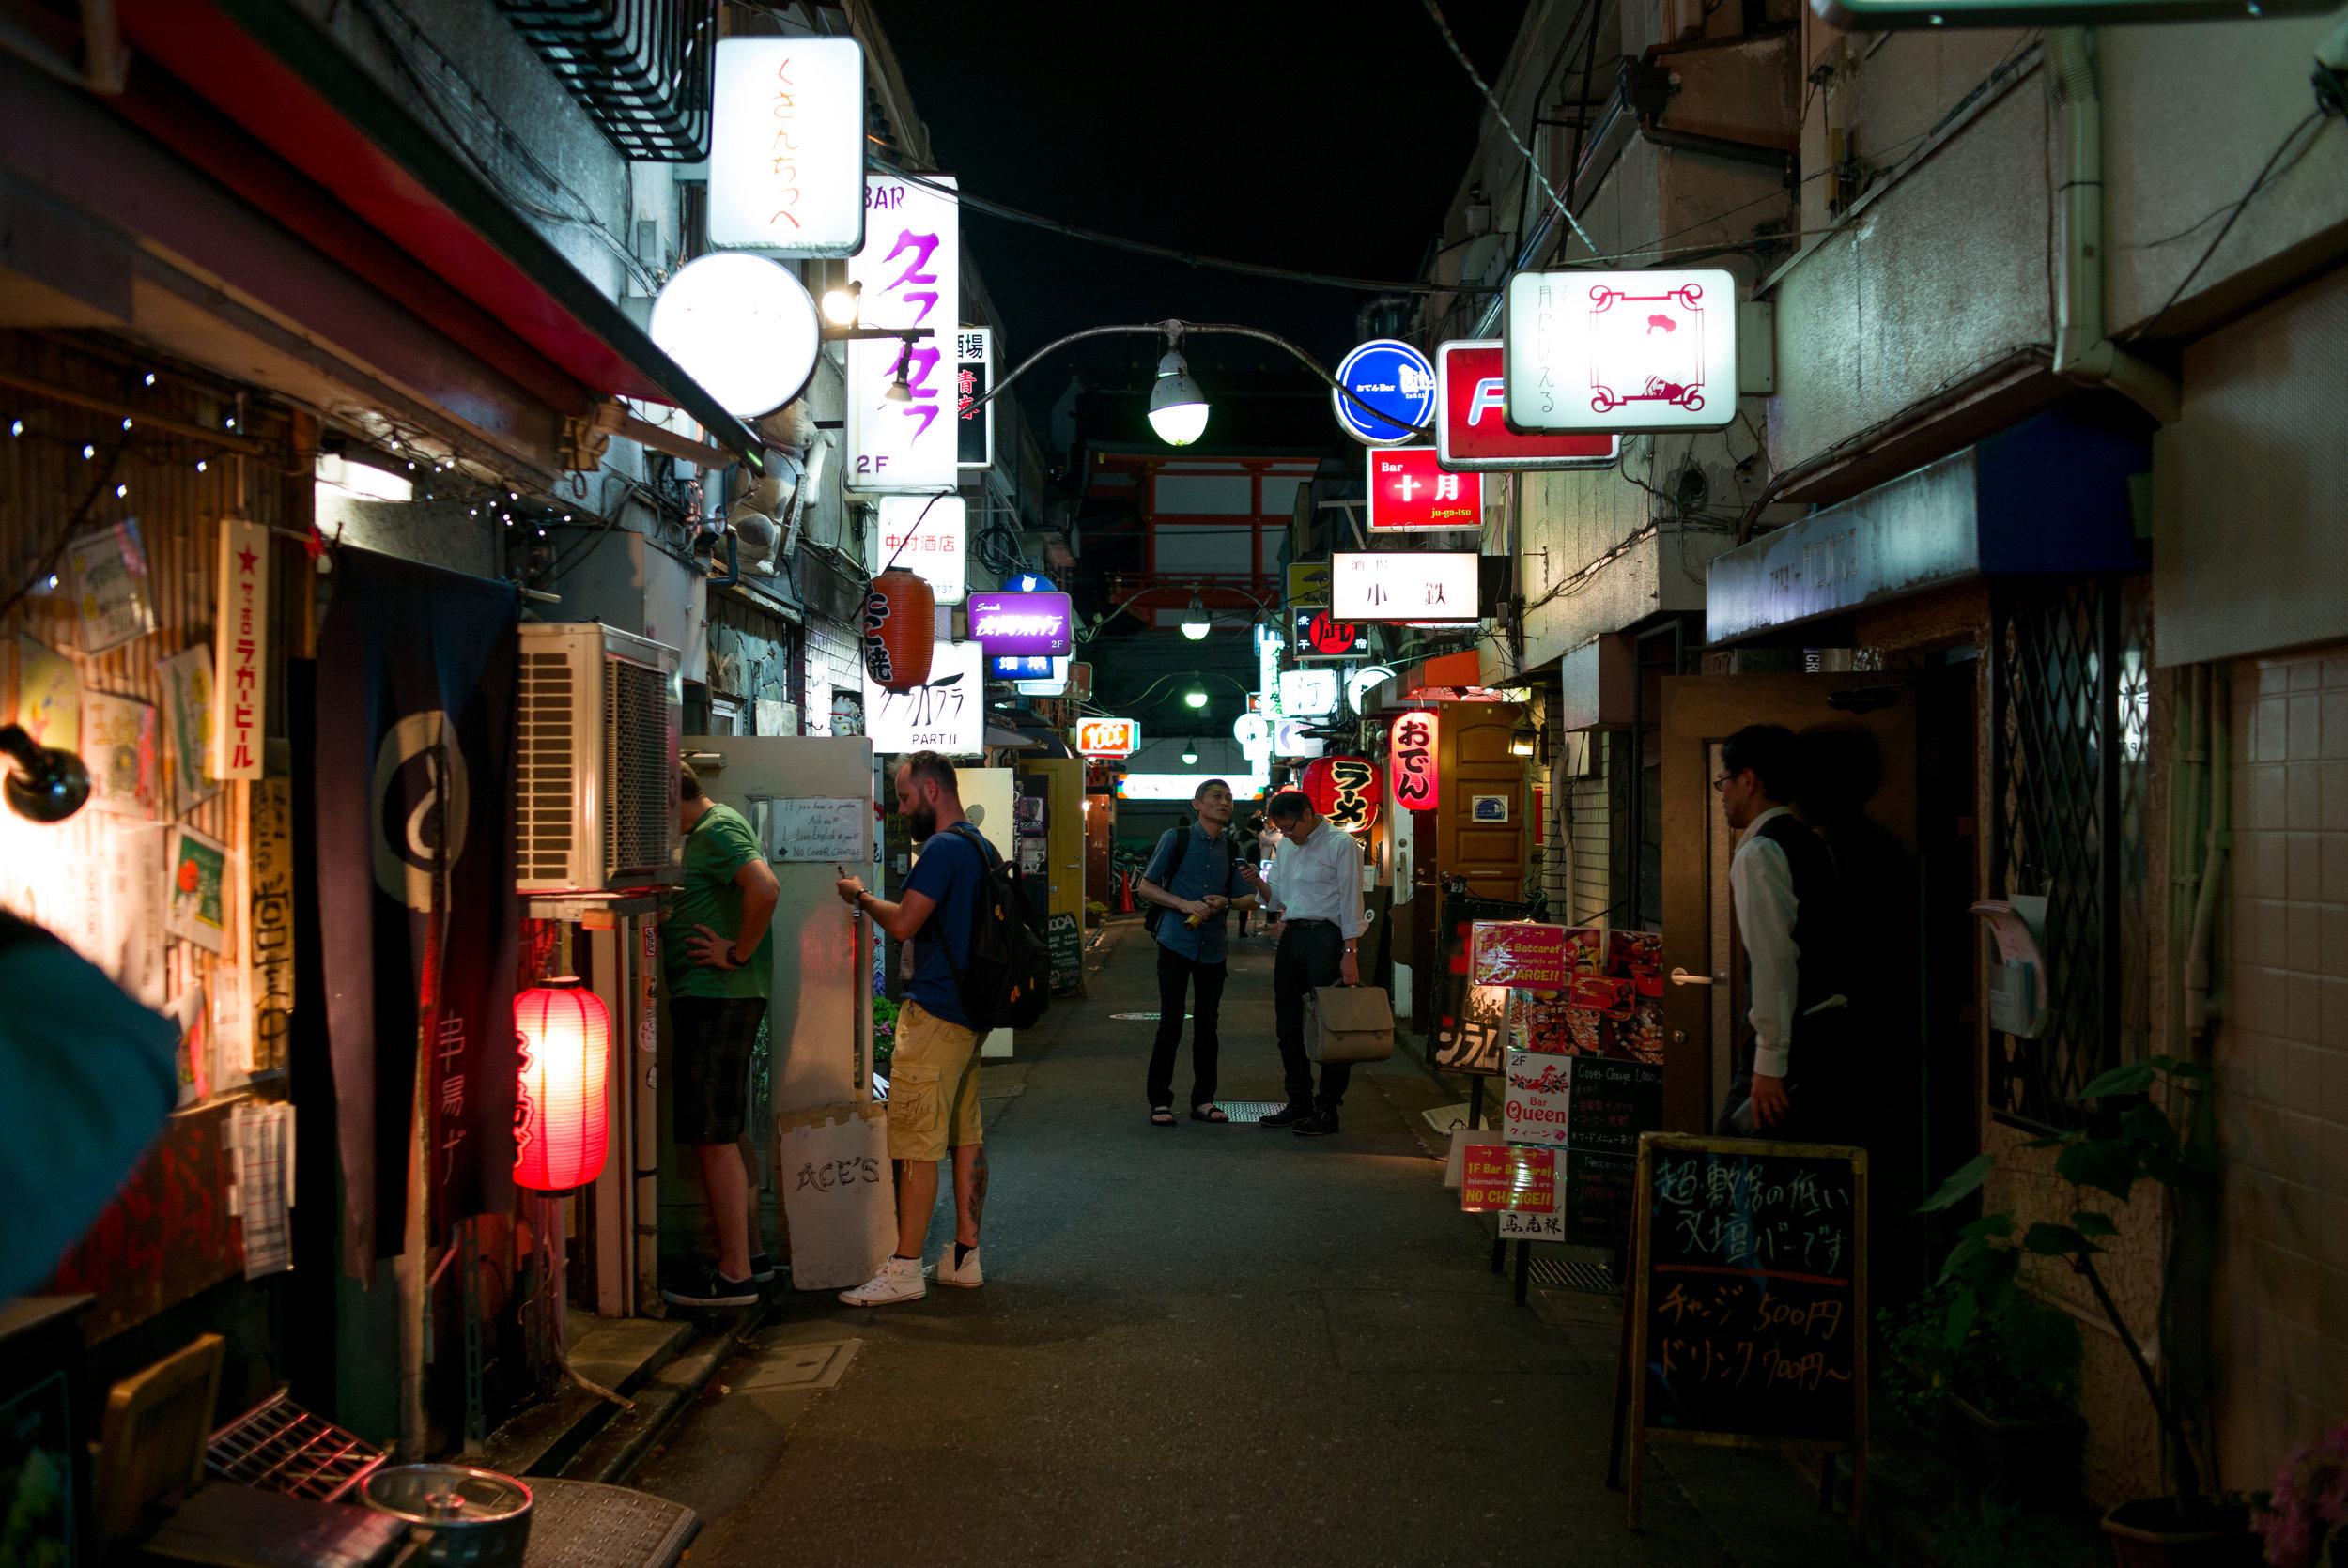 მსგავსი ქუჩები იაპონიაში ბევრია, მათ იოკოჩოს ეძახიან. პირდაპირი განმარტებით მთავარი ქუჩის პატარა განშტოებას ნიშნავს, თუმცა ყოველდღიურ საუბარში იზაკაიებით, ბარებით და პაბებით სავზე ვიწრო ქუჩას გულისხმობს (ინგ. Drinking Street).